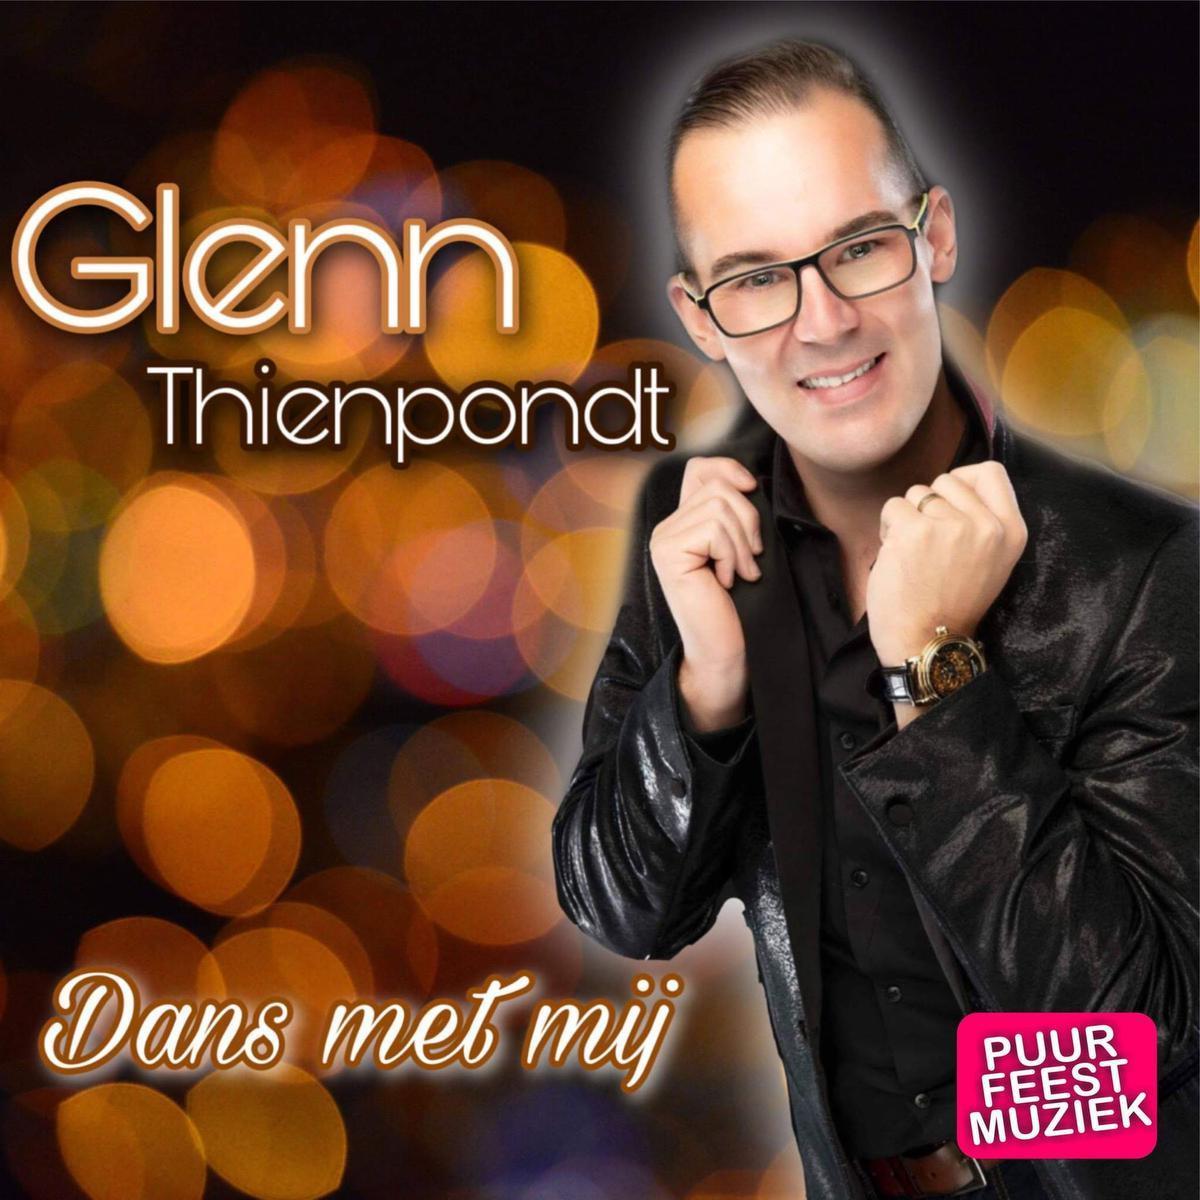 Glenn Thienpondt geeft in nieuwe single maar één boodschap : 'Dans met mij'